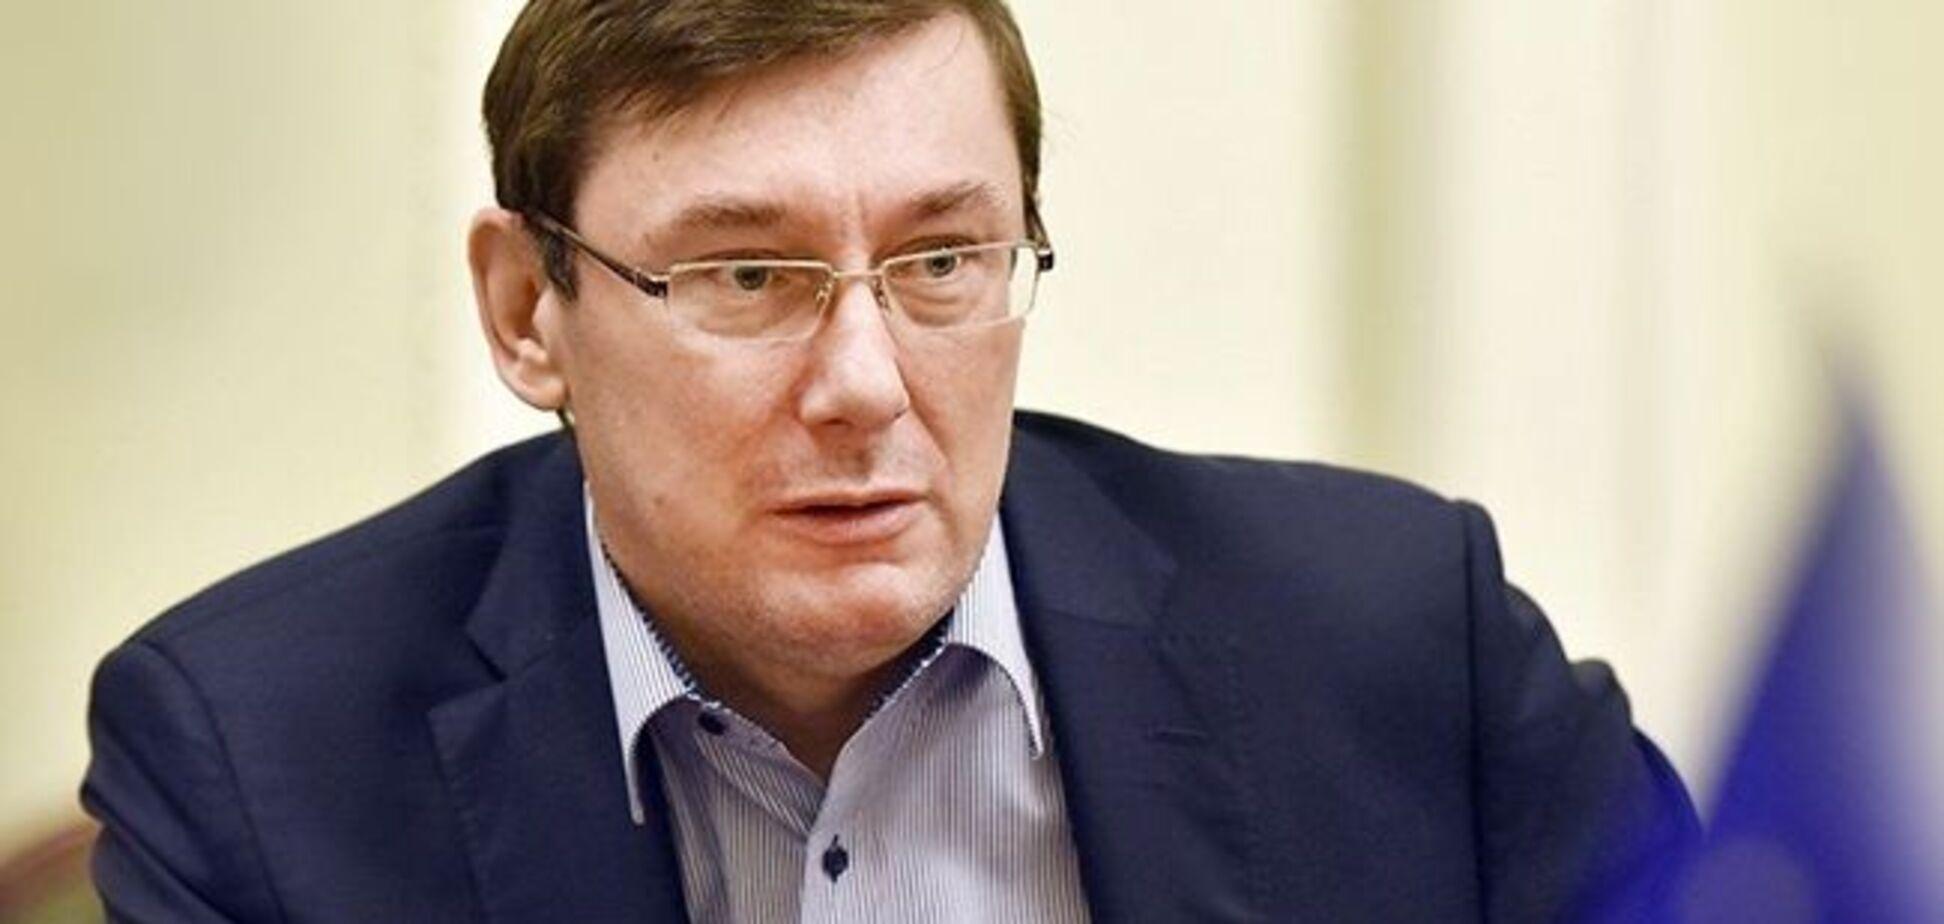 Трагедия в детском лагере 'Виктория': Луценко раскрыл детали расследования